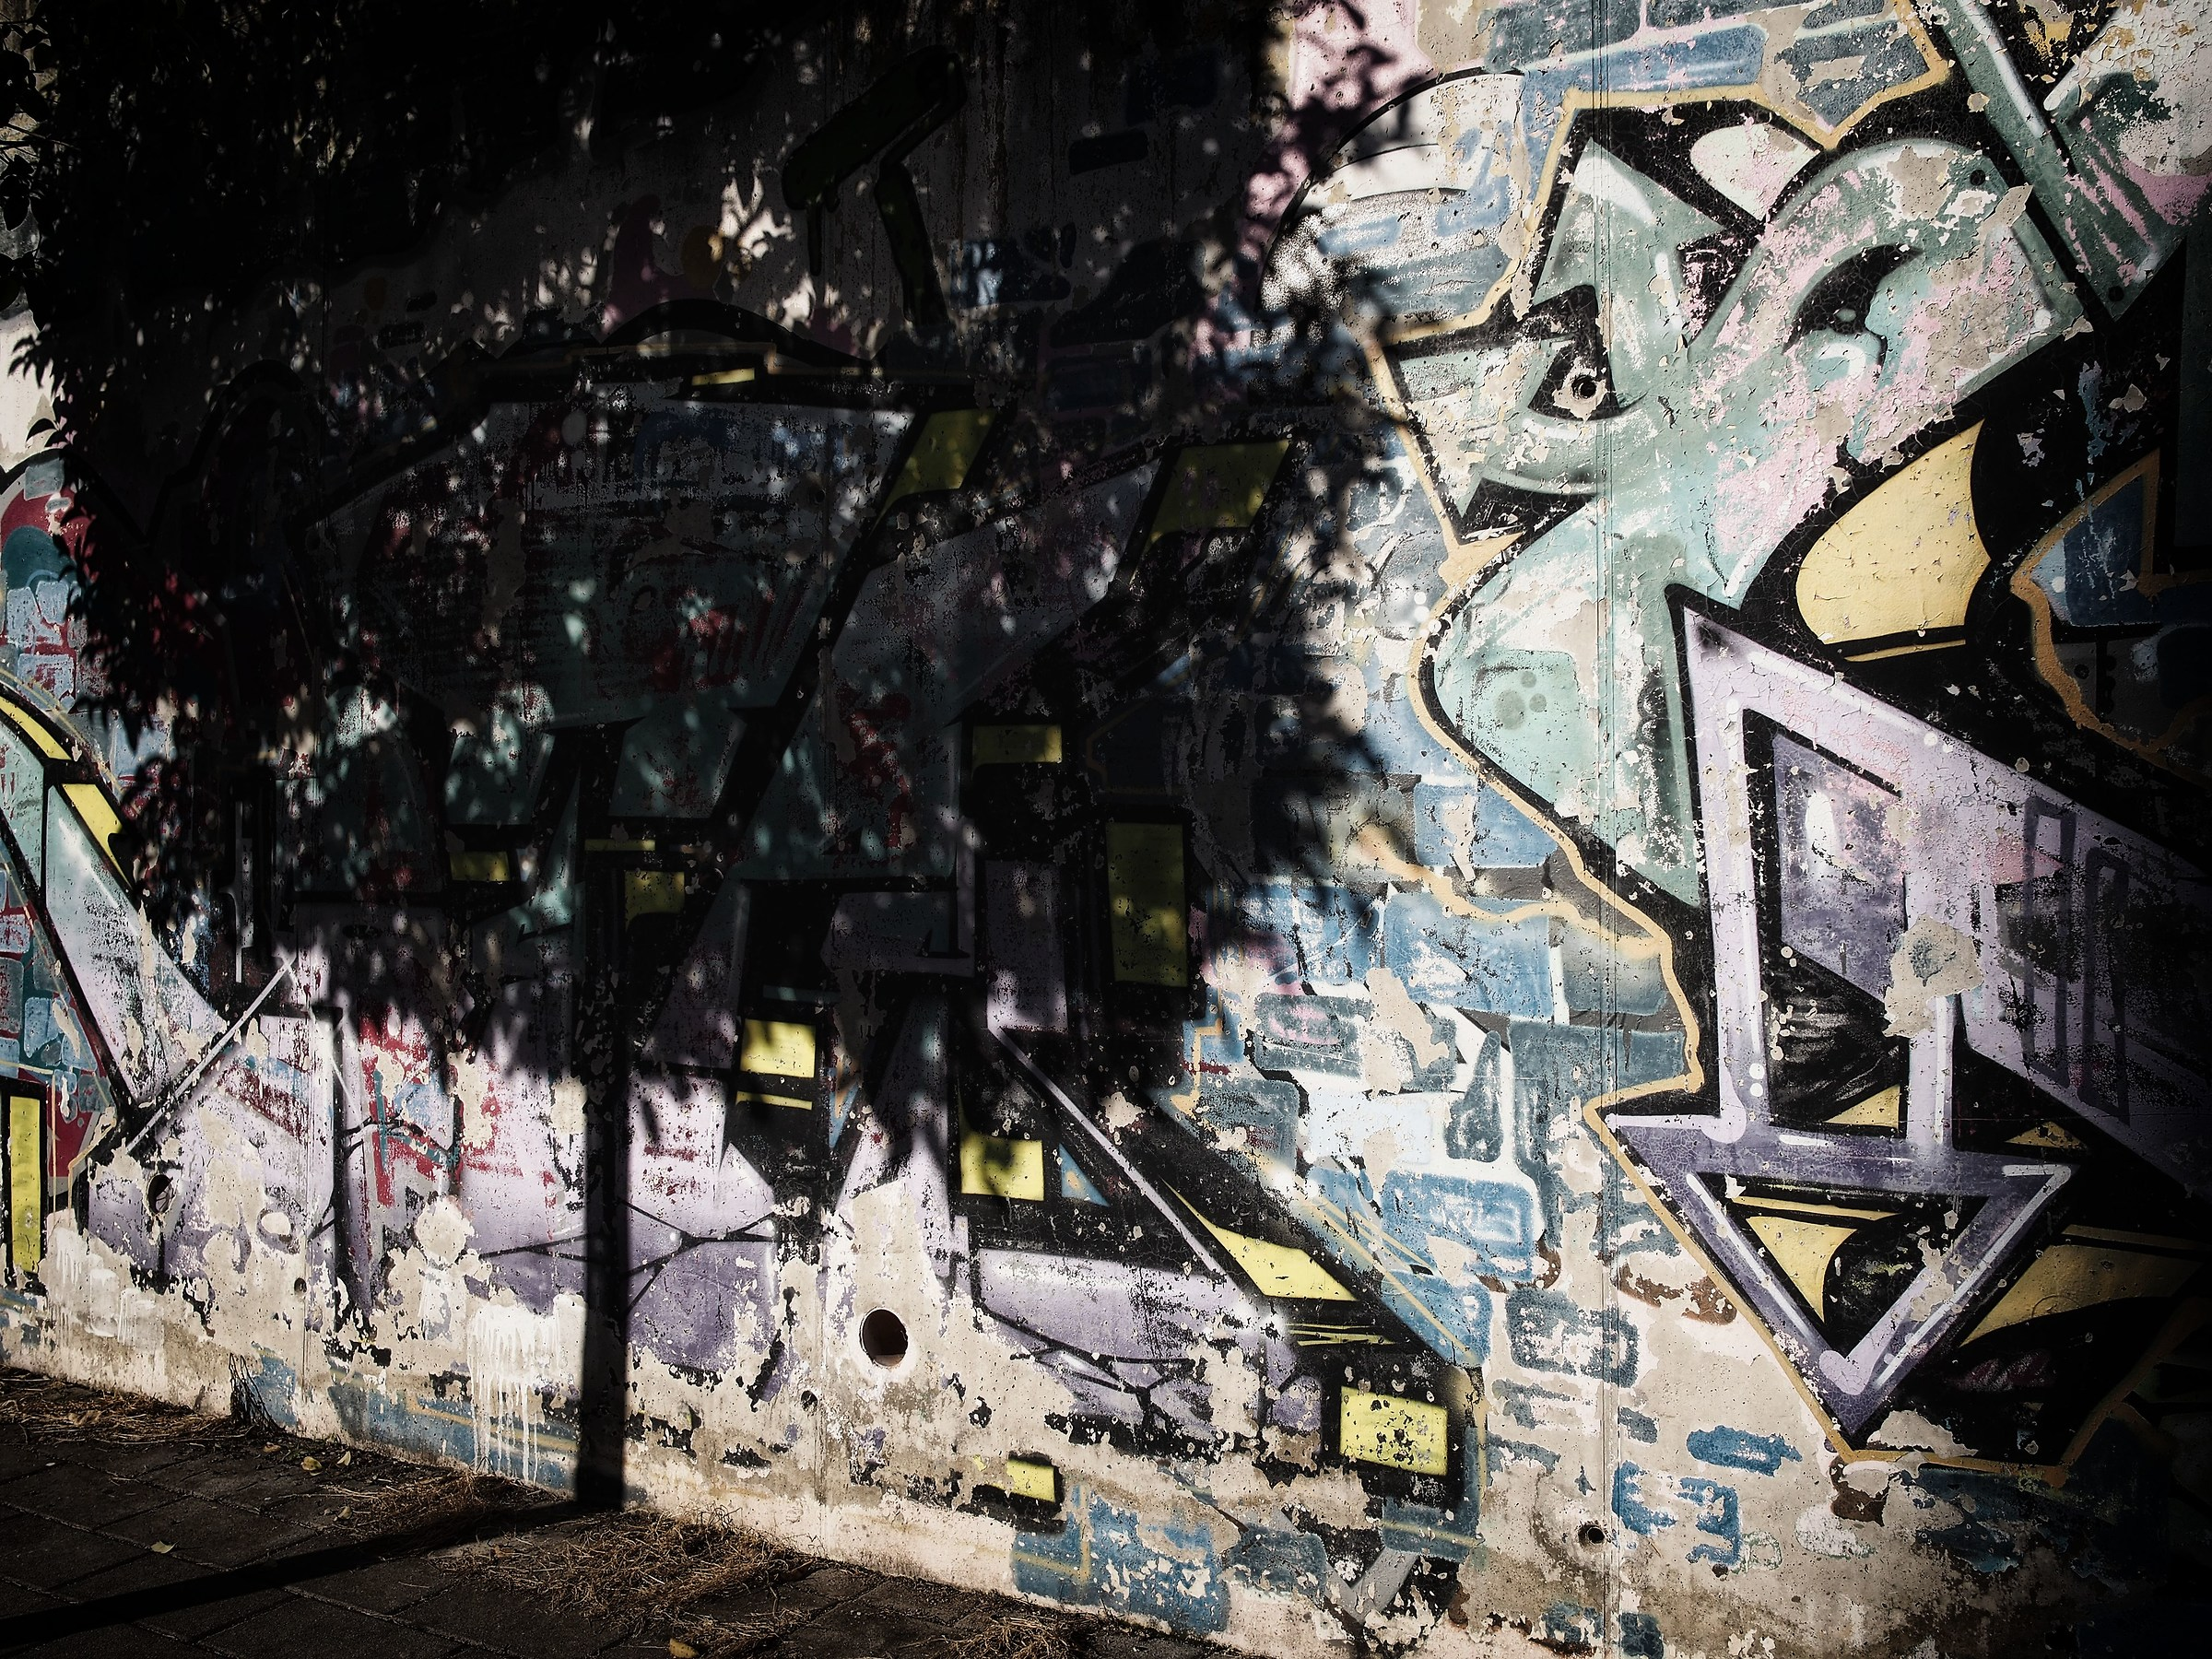 Graffiti...